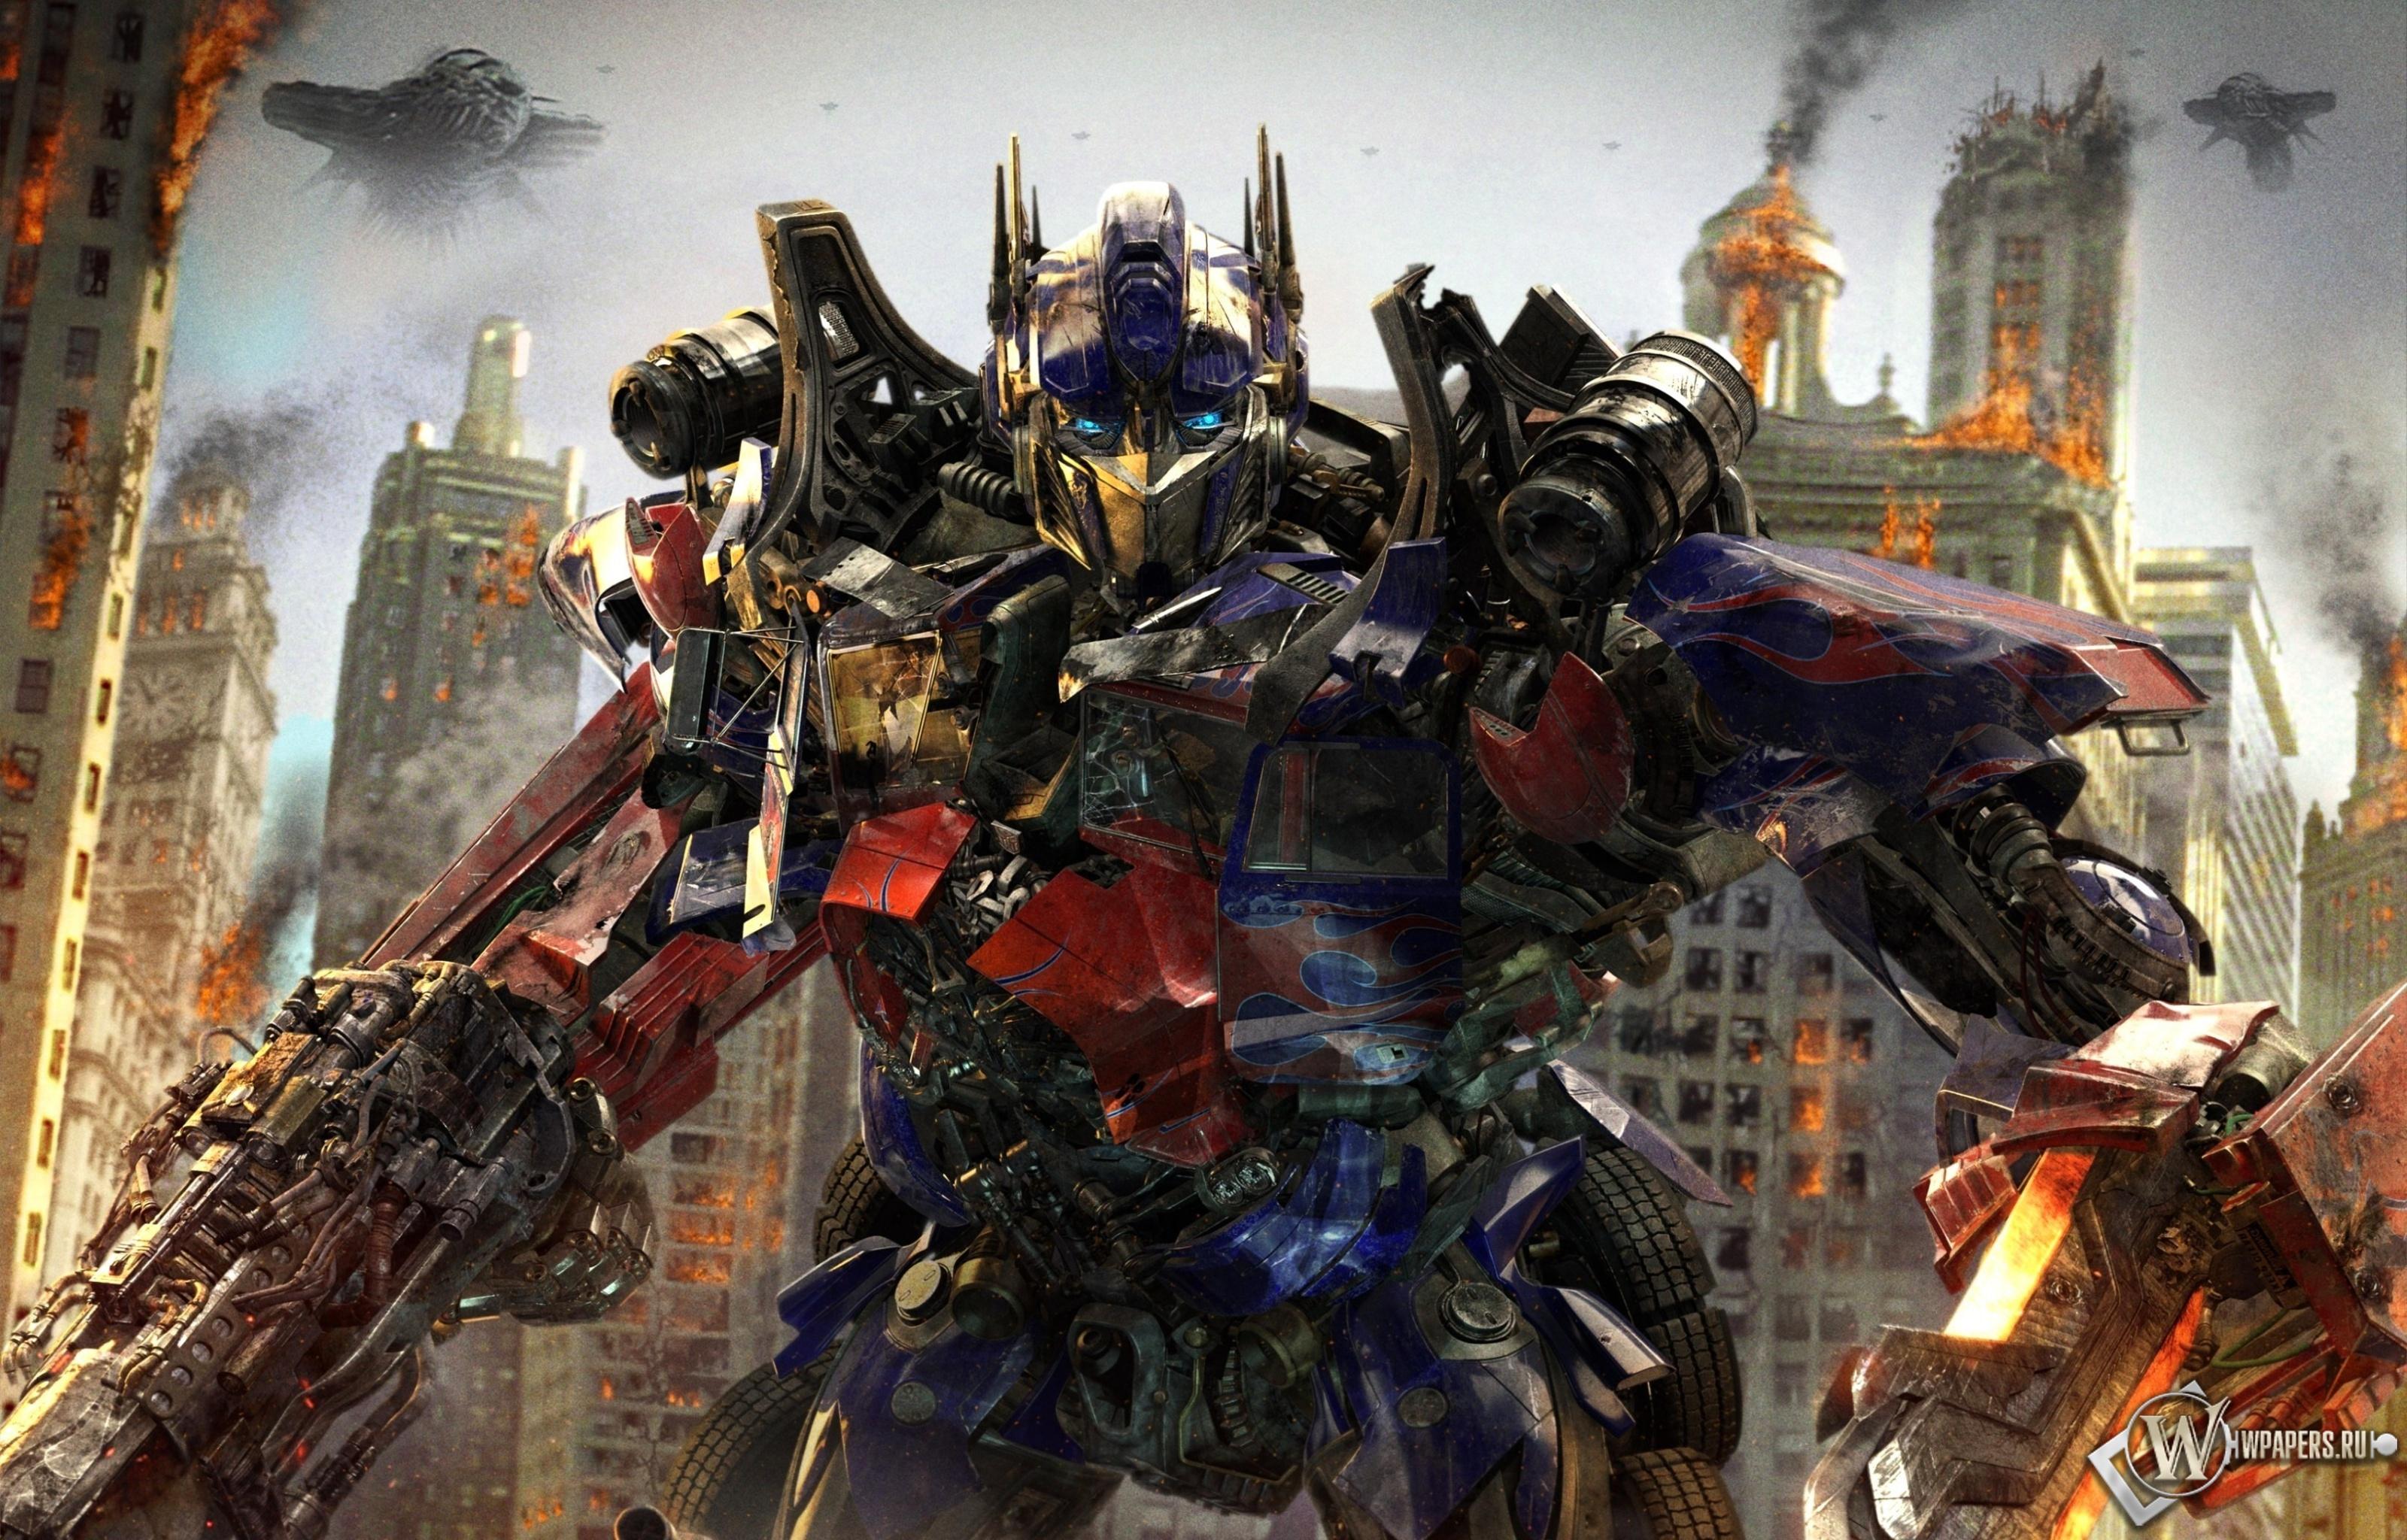 Обои Фильм Трансформеры Movie Transformers The Last